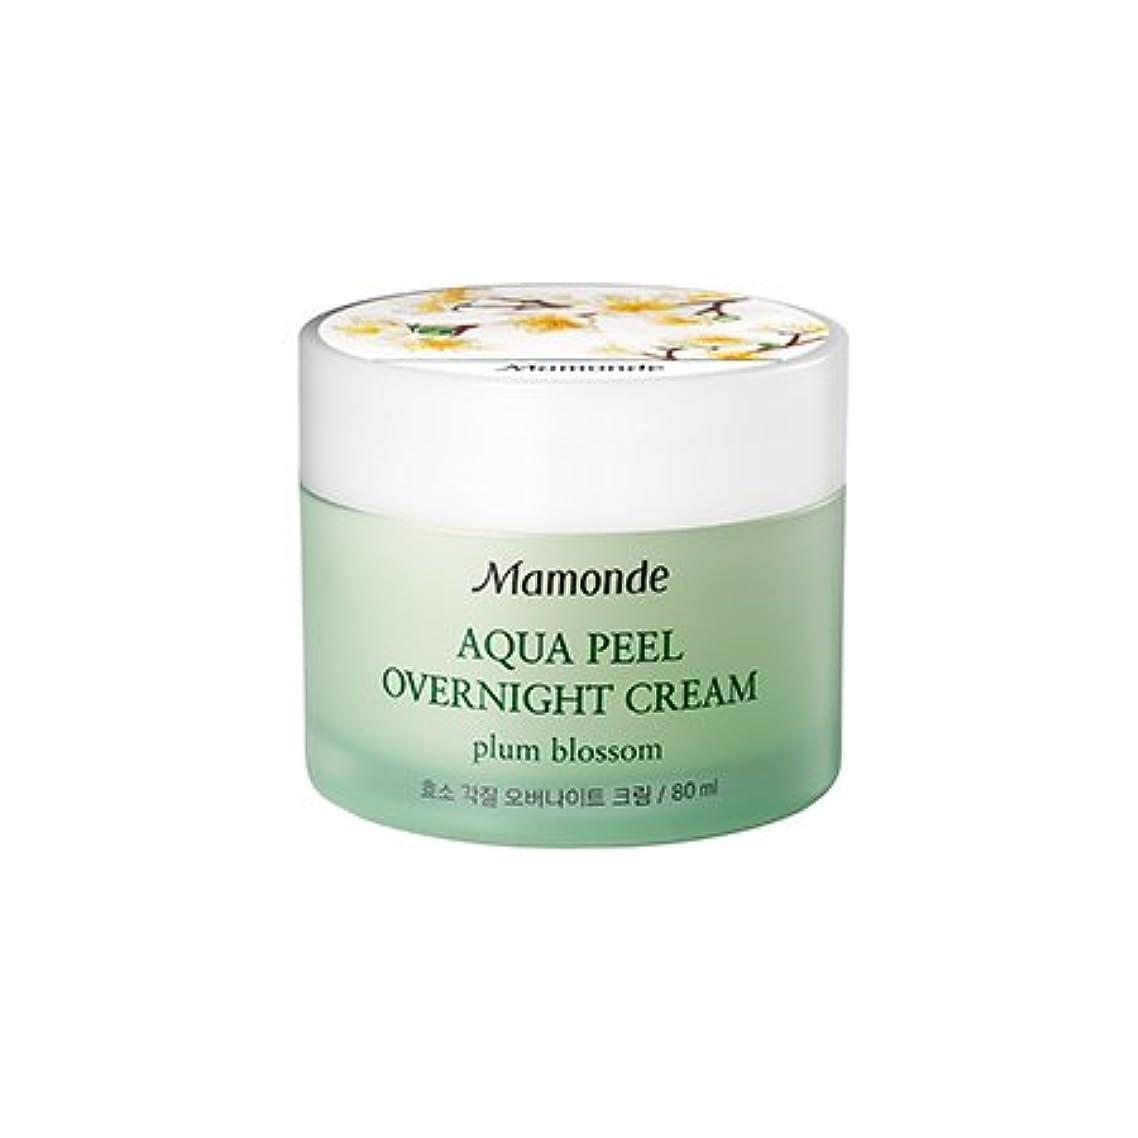 規則性福祉作詞家Mamonde Aqua Peel Overnight Cream 80ml/マモンド アクア ピール オーバーナイト クリーム 80ml [並行輸入品]